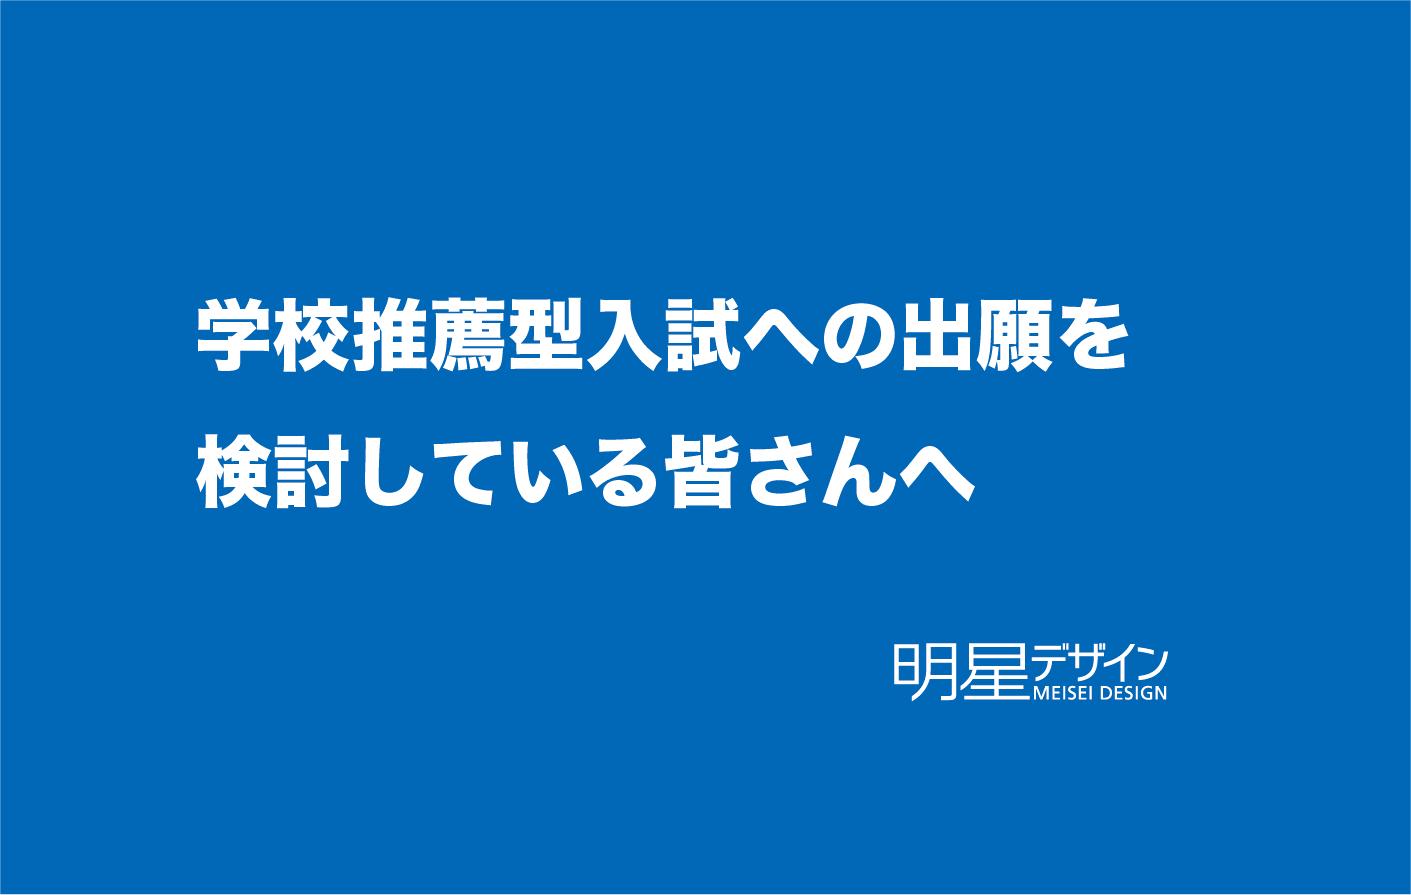 学校推薦型入試への出願を検討している皆さんへ【7月12日変更】